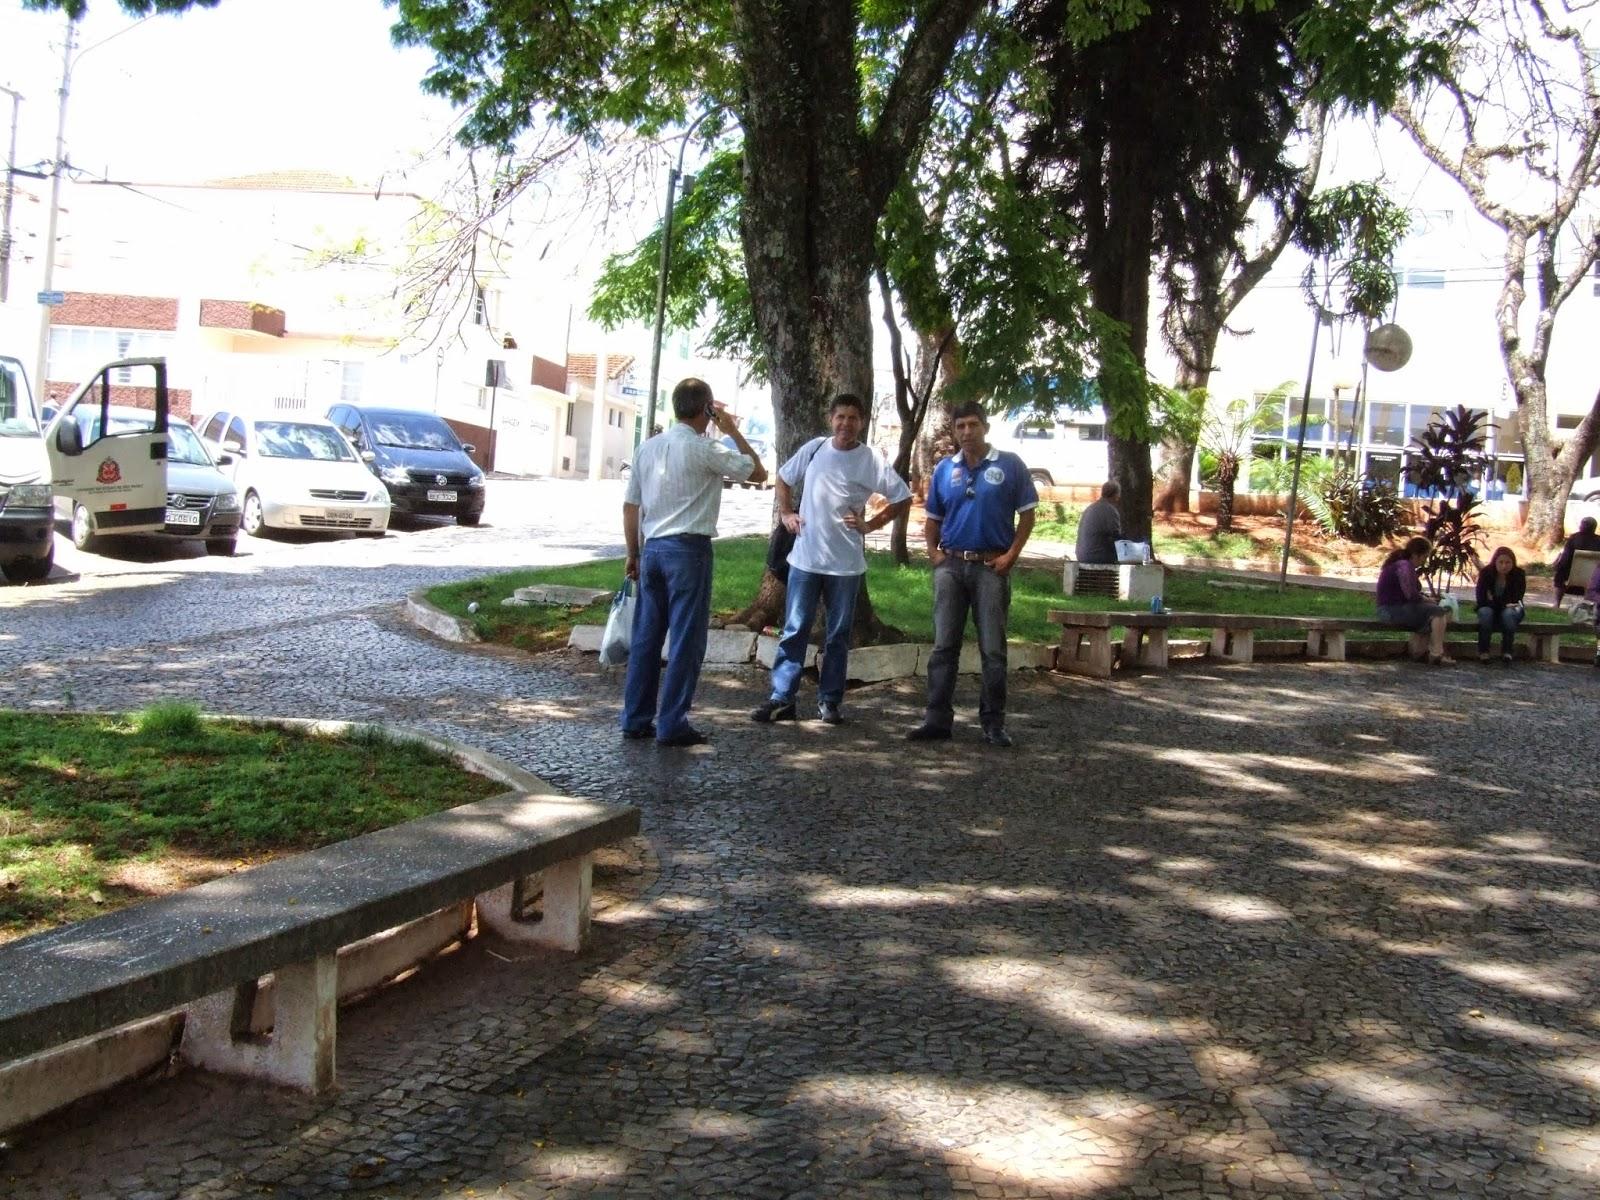 na pele a falta de banheiros para os pacientes da saúde em Itapeva #857346 1600x1200 Banco Banheiro Cadeirante